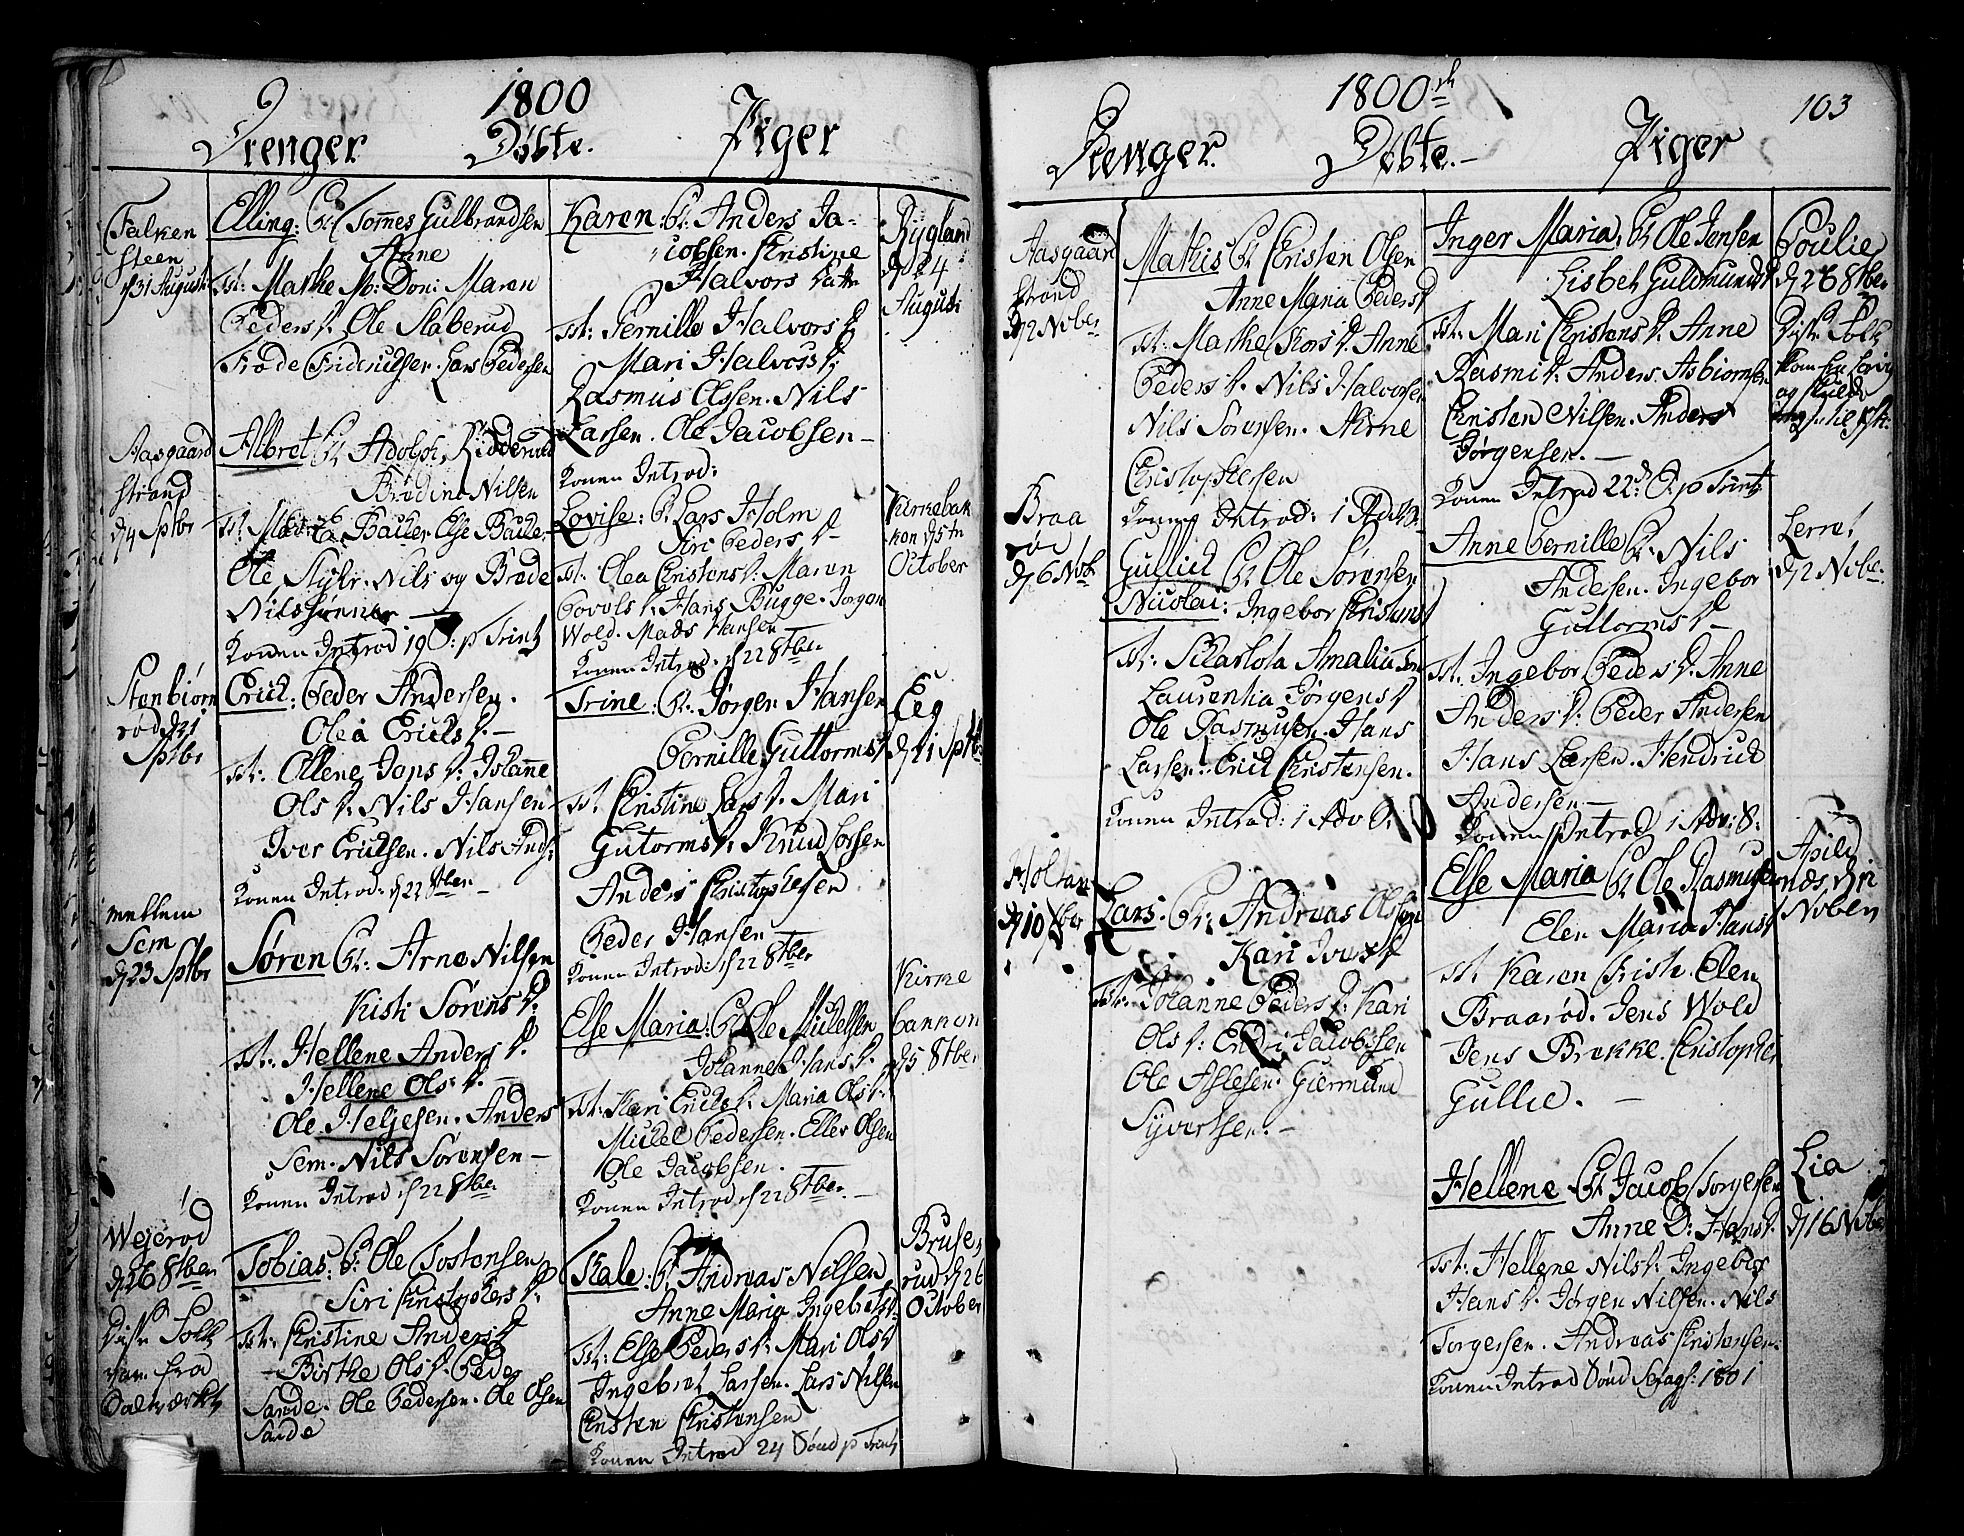 SAKO, Borre kirkebøker, F/Fa/L0002: Ministerialbok nr. I 2, 1752-1806, s. 103